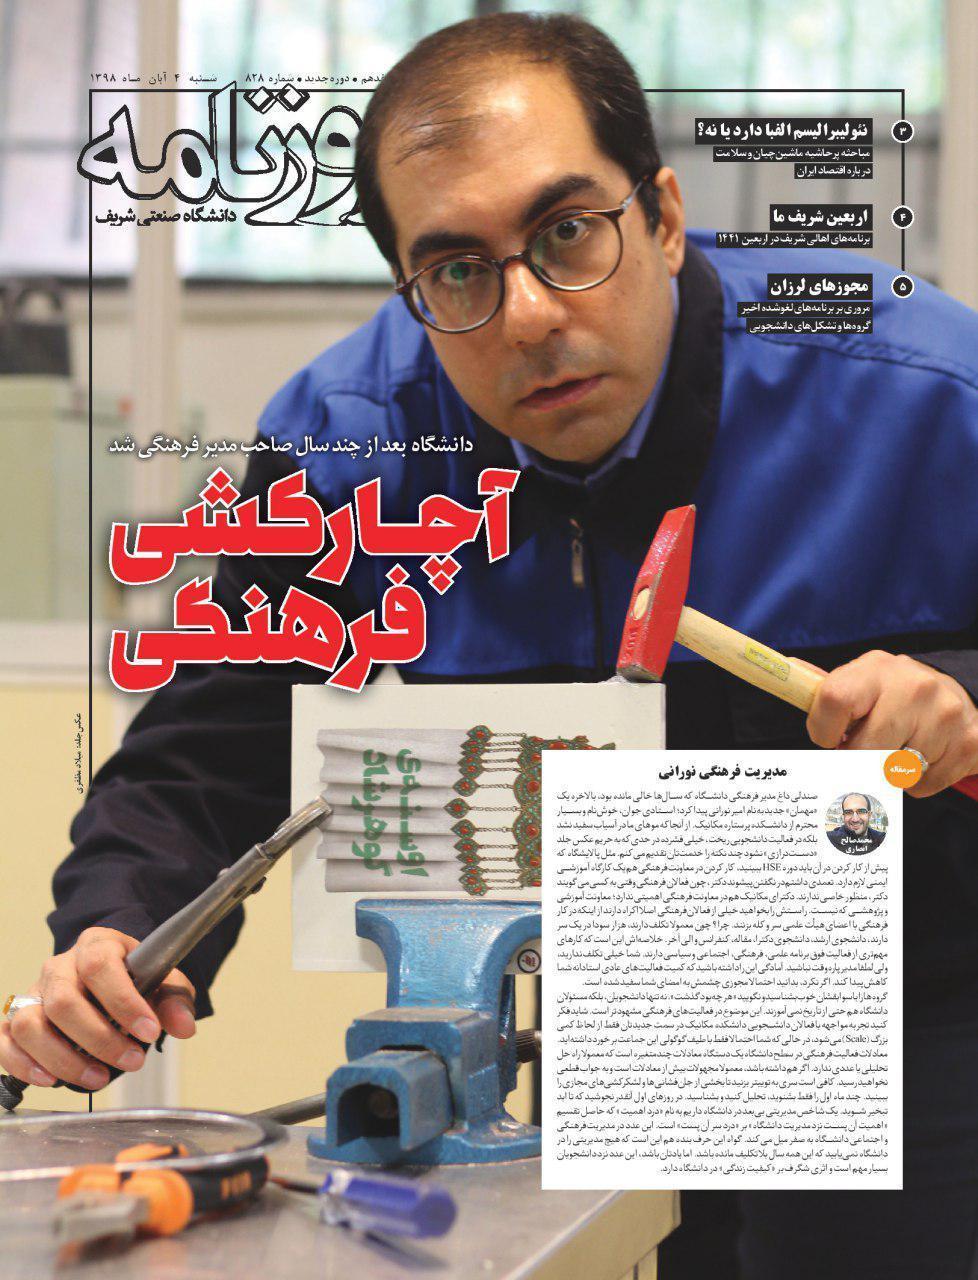 آچارکشی فرهنگی! ، شماره 828 نشریه دانشجویی روزنامه شریف منتشر شد